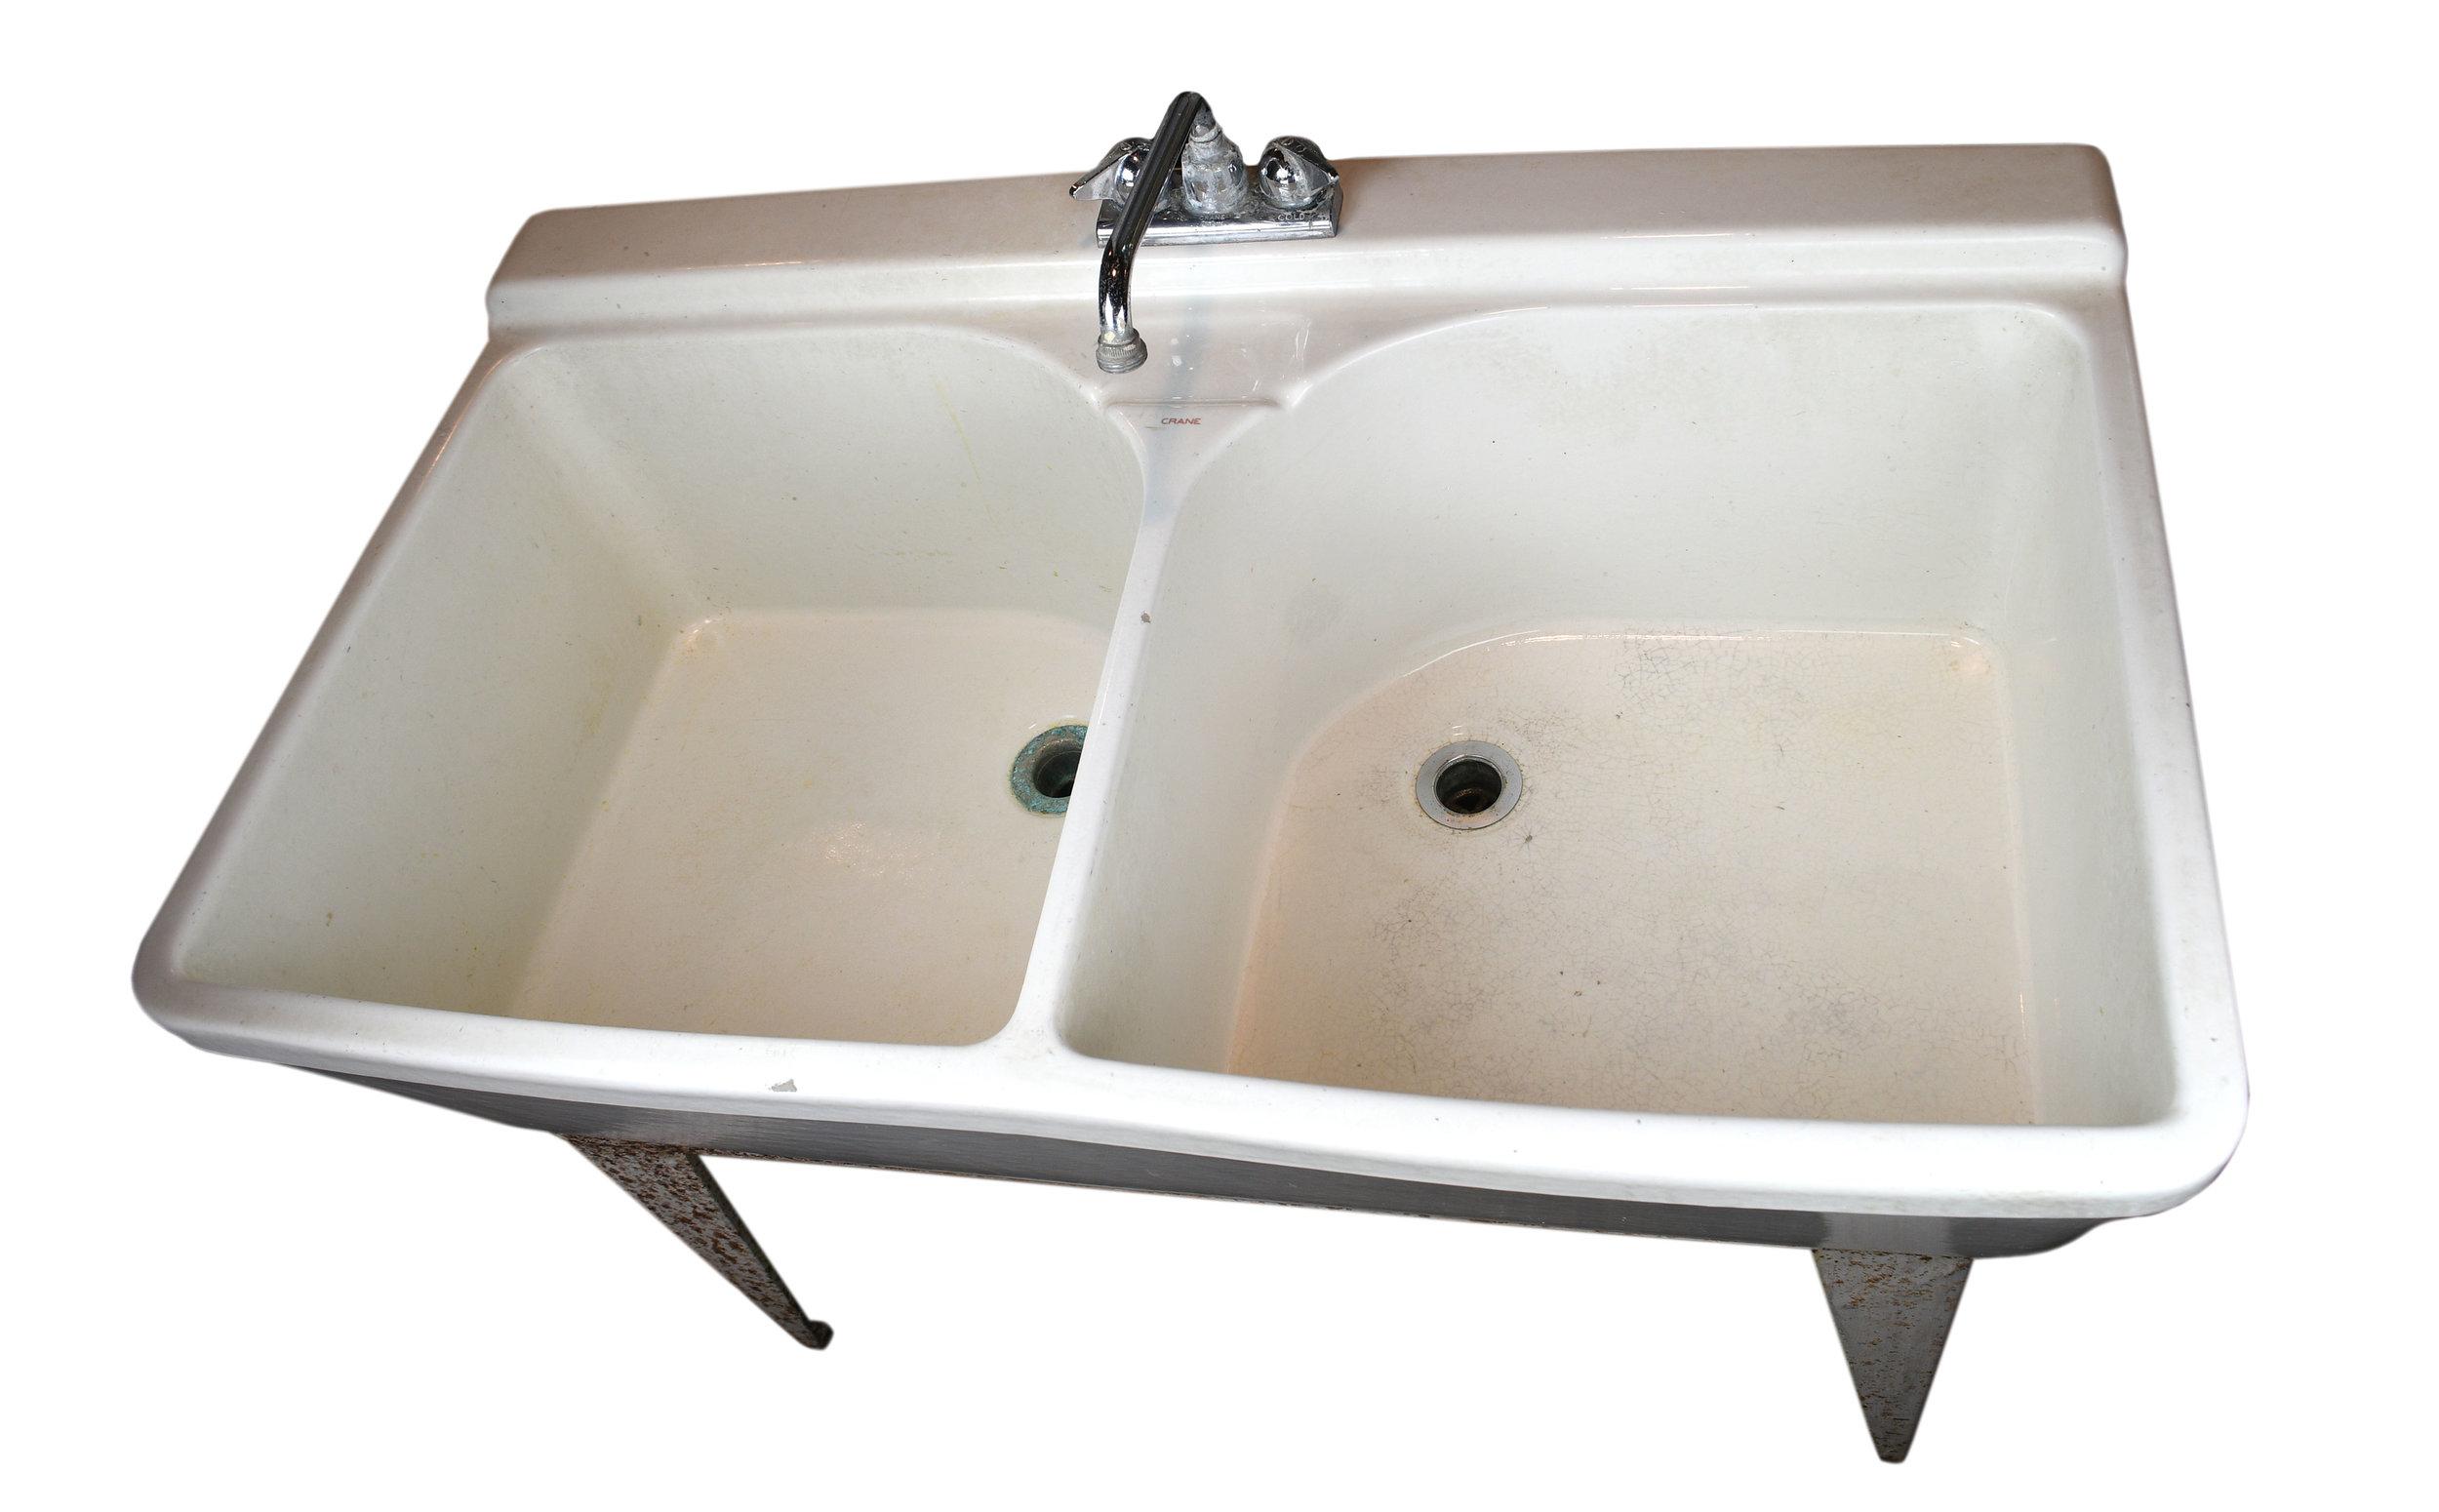 crane-sink-5.jpg